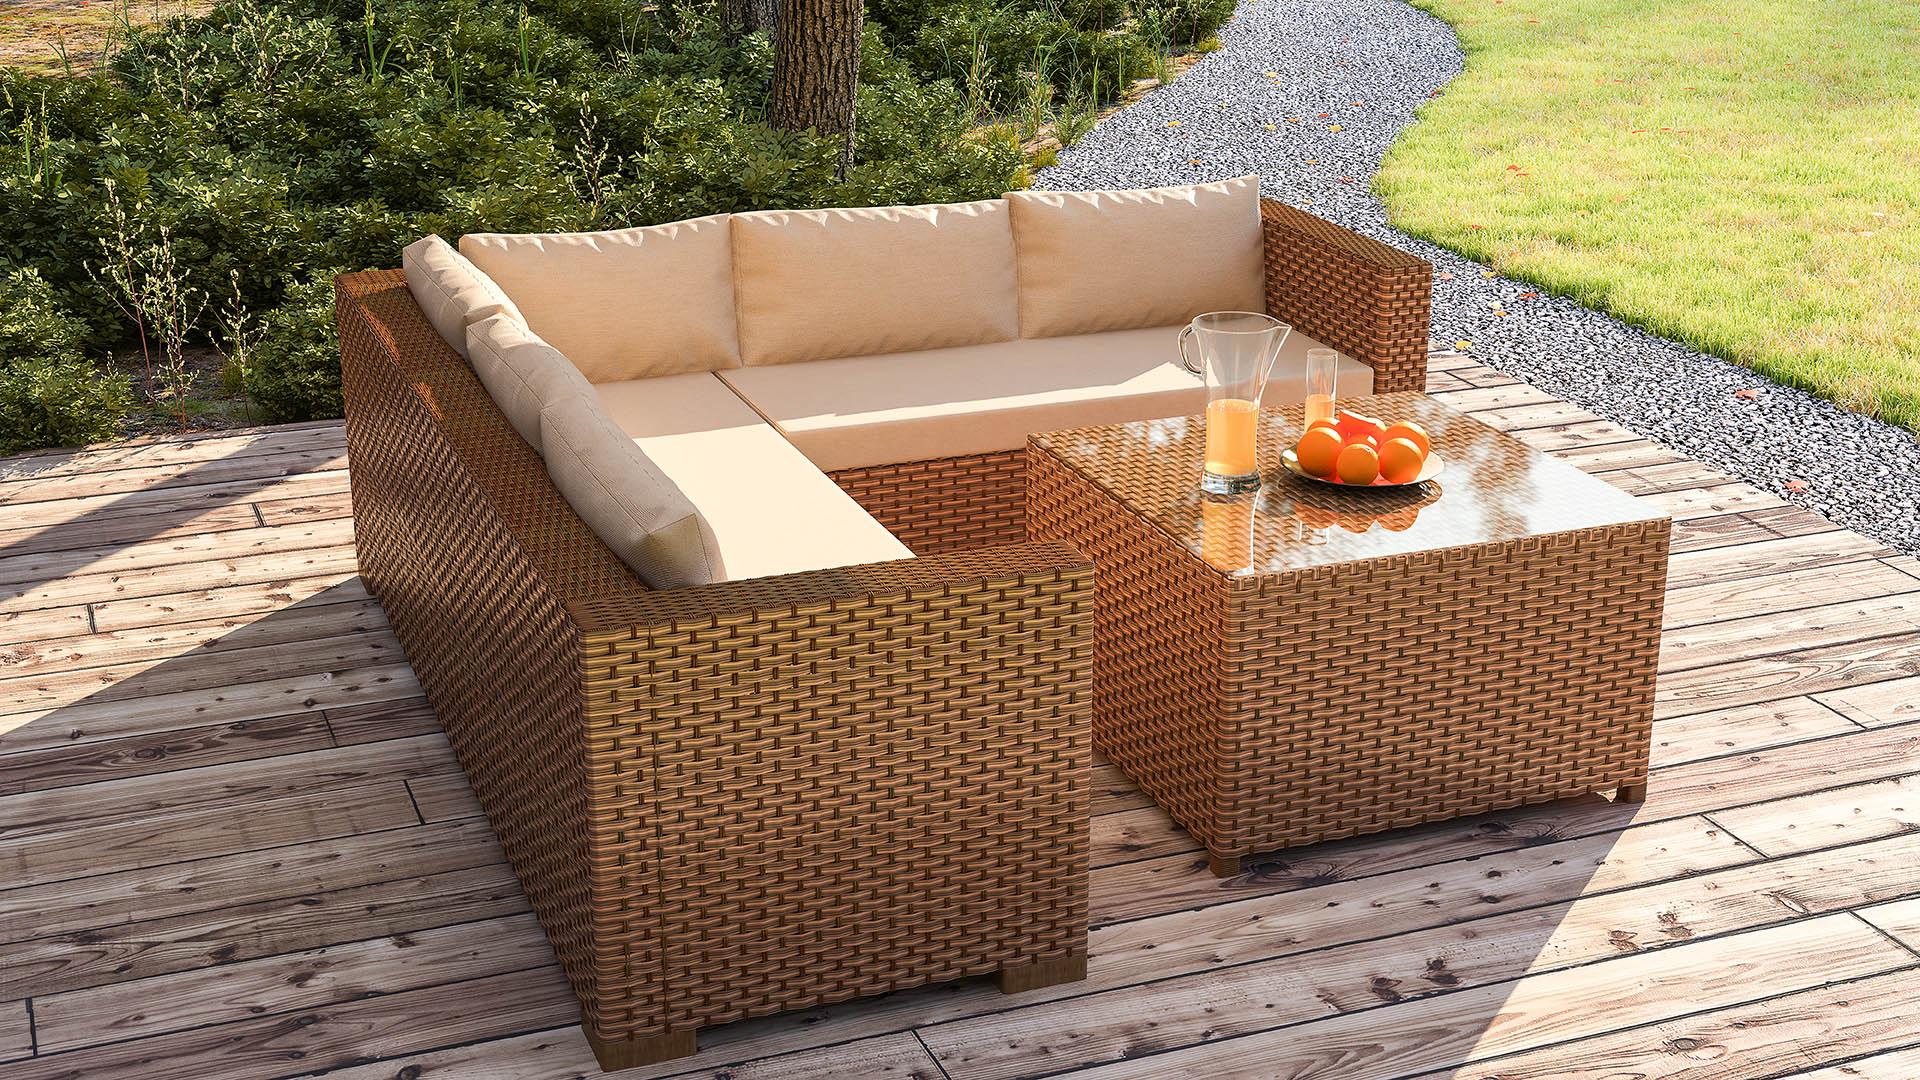 Modern Bahçe mobilyası